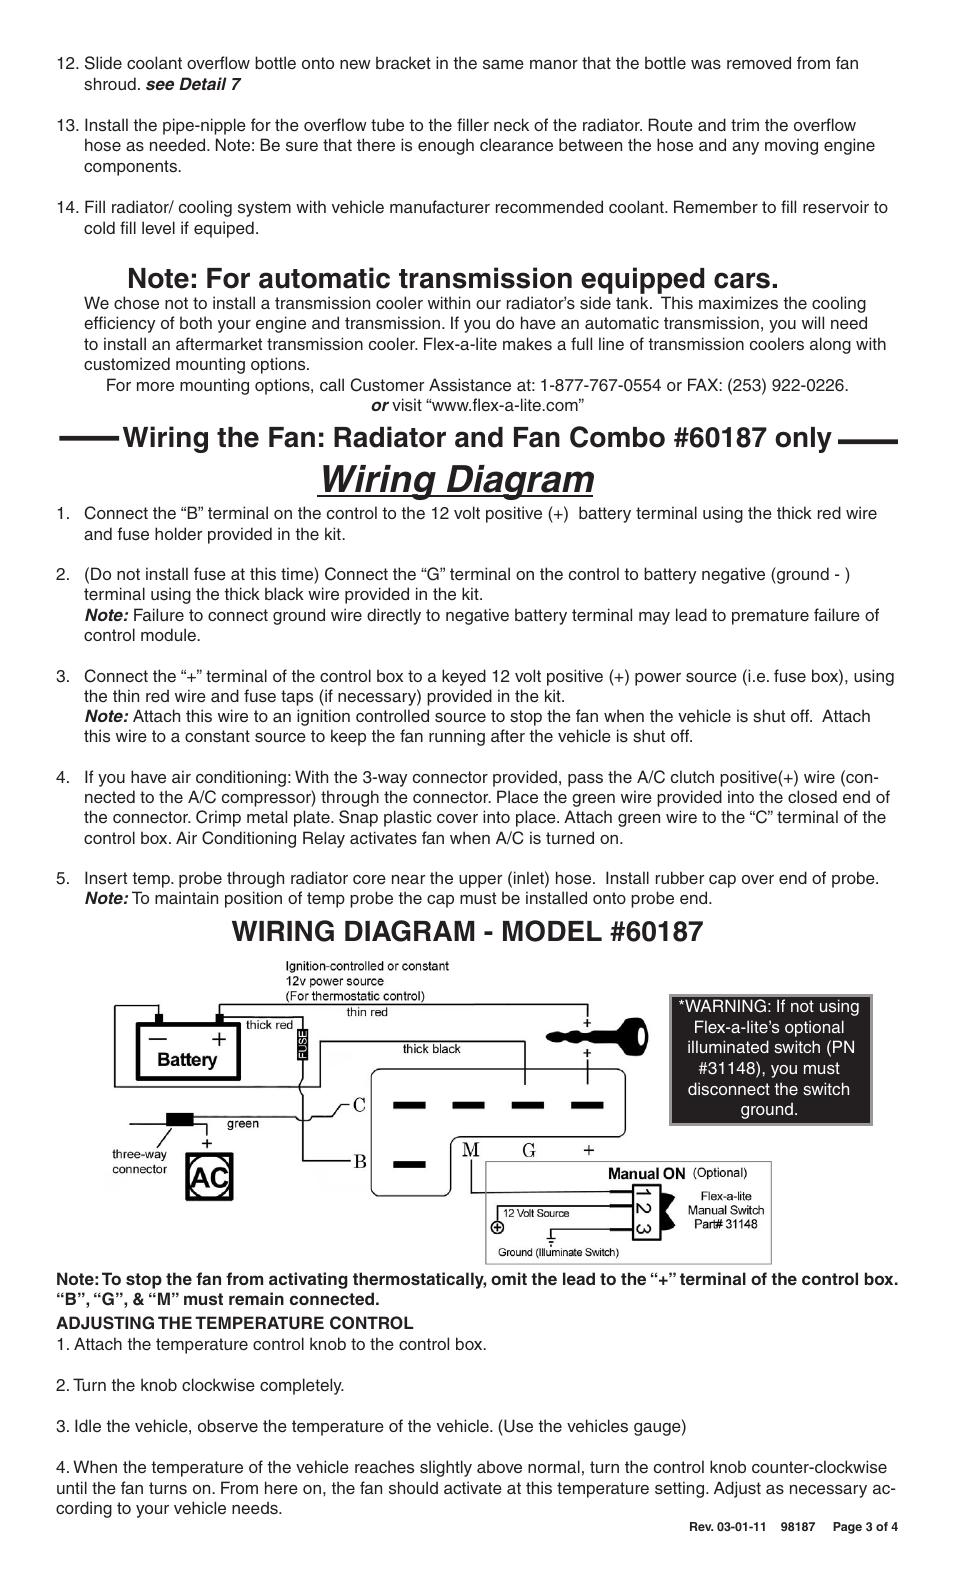 Wiring diagram | Flex-a-Lite 60087 Wrangler Radiator Kit ... on